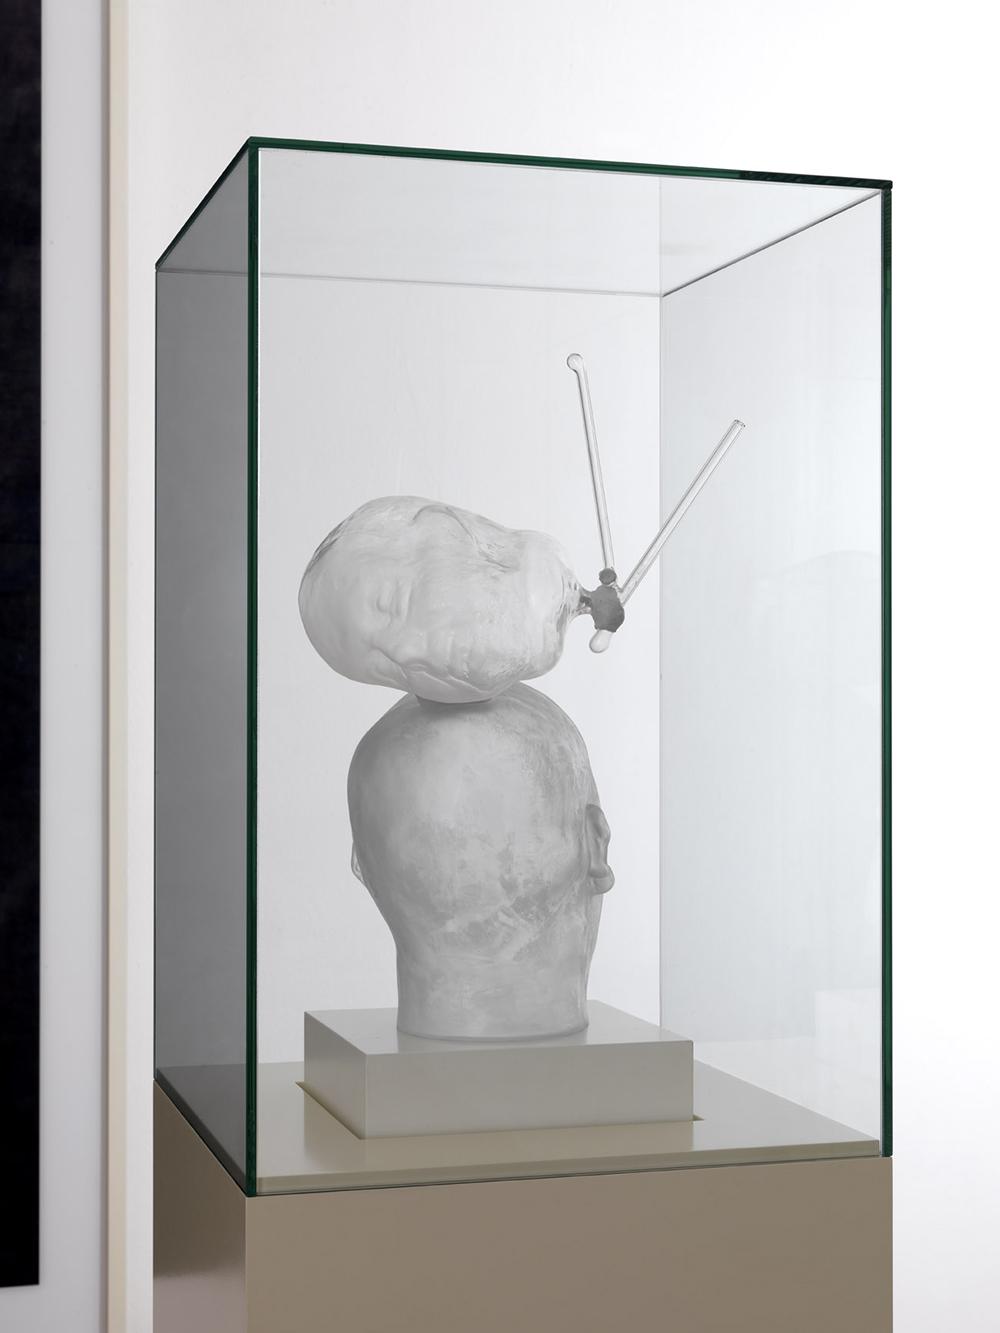 Ex voto XX della serie Art is the better life, 2010, scultura in vetro, vetrina di vetro su base di legno laccato, cm 190x40x40